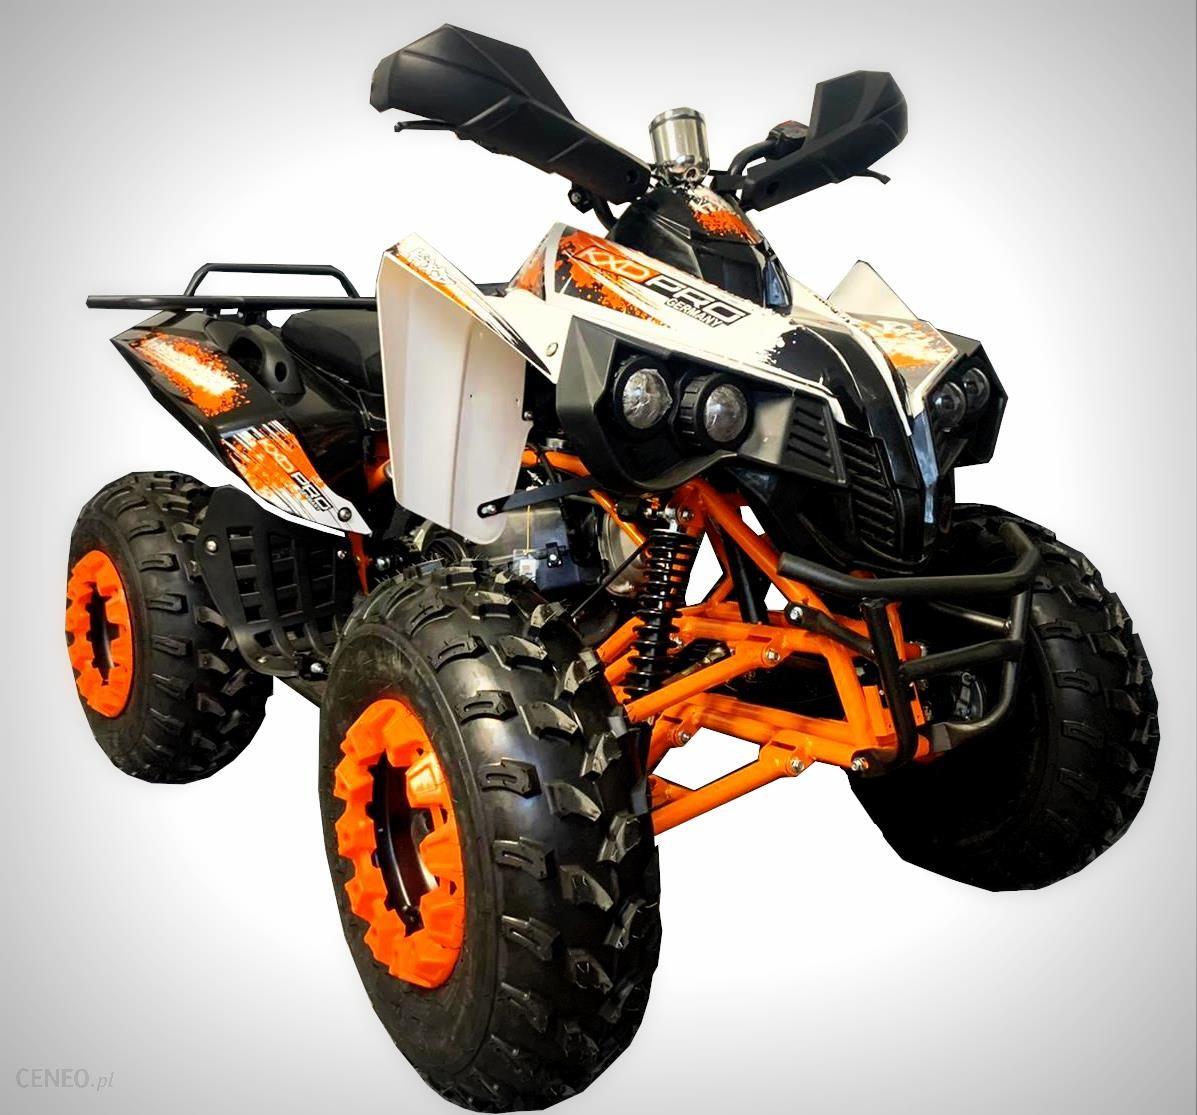 Quad Atv Kxd Discavery 250cc Model Premierowy 2020 Opinie I Ceny Na Ceneo Pl